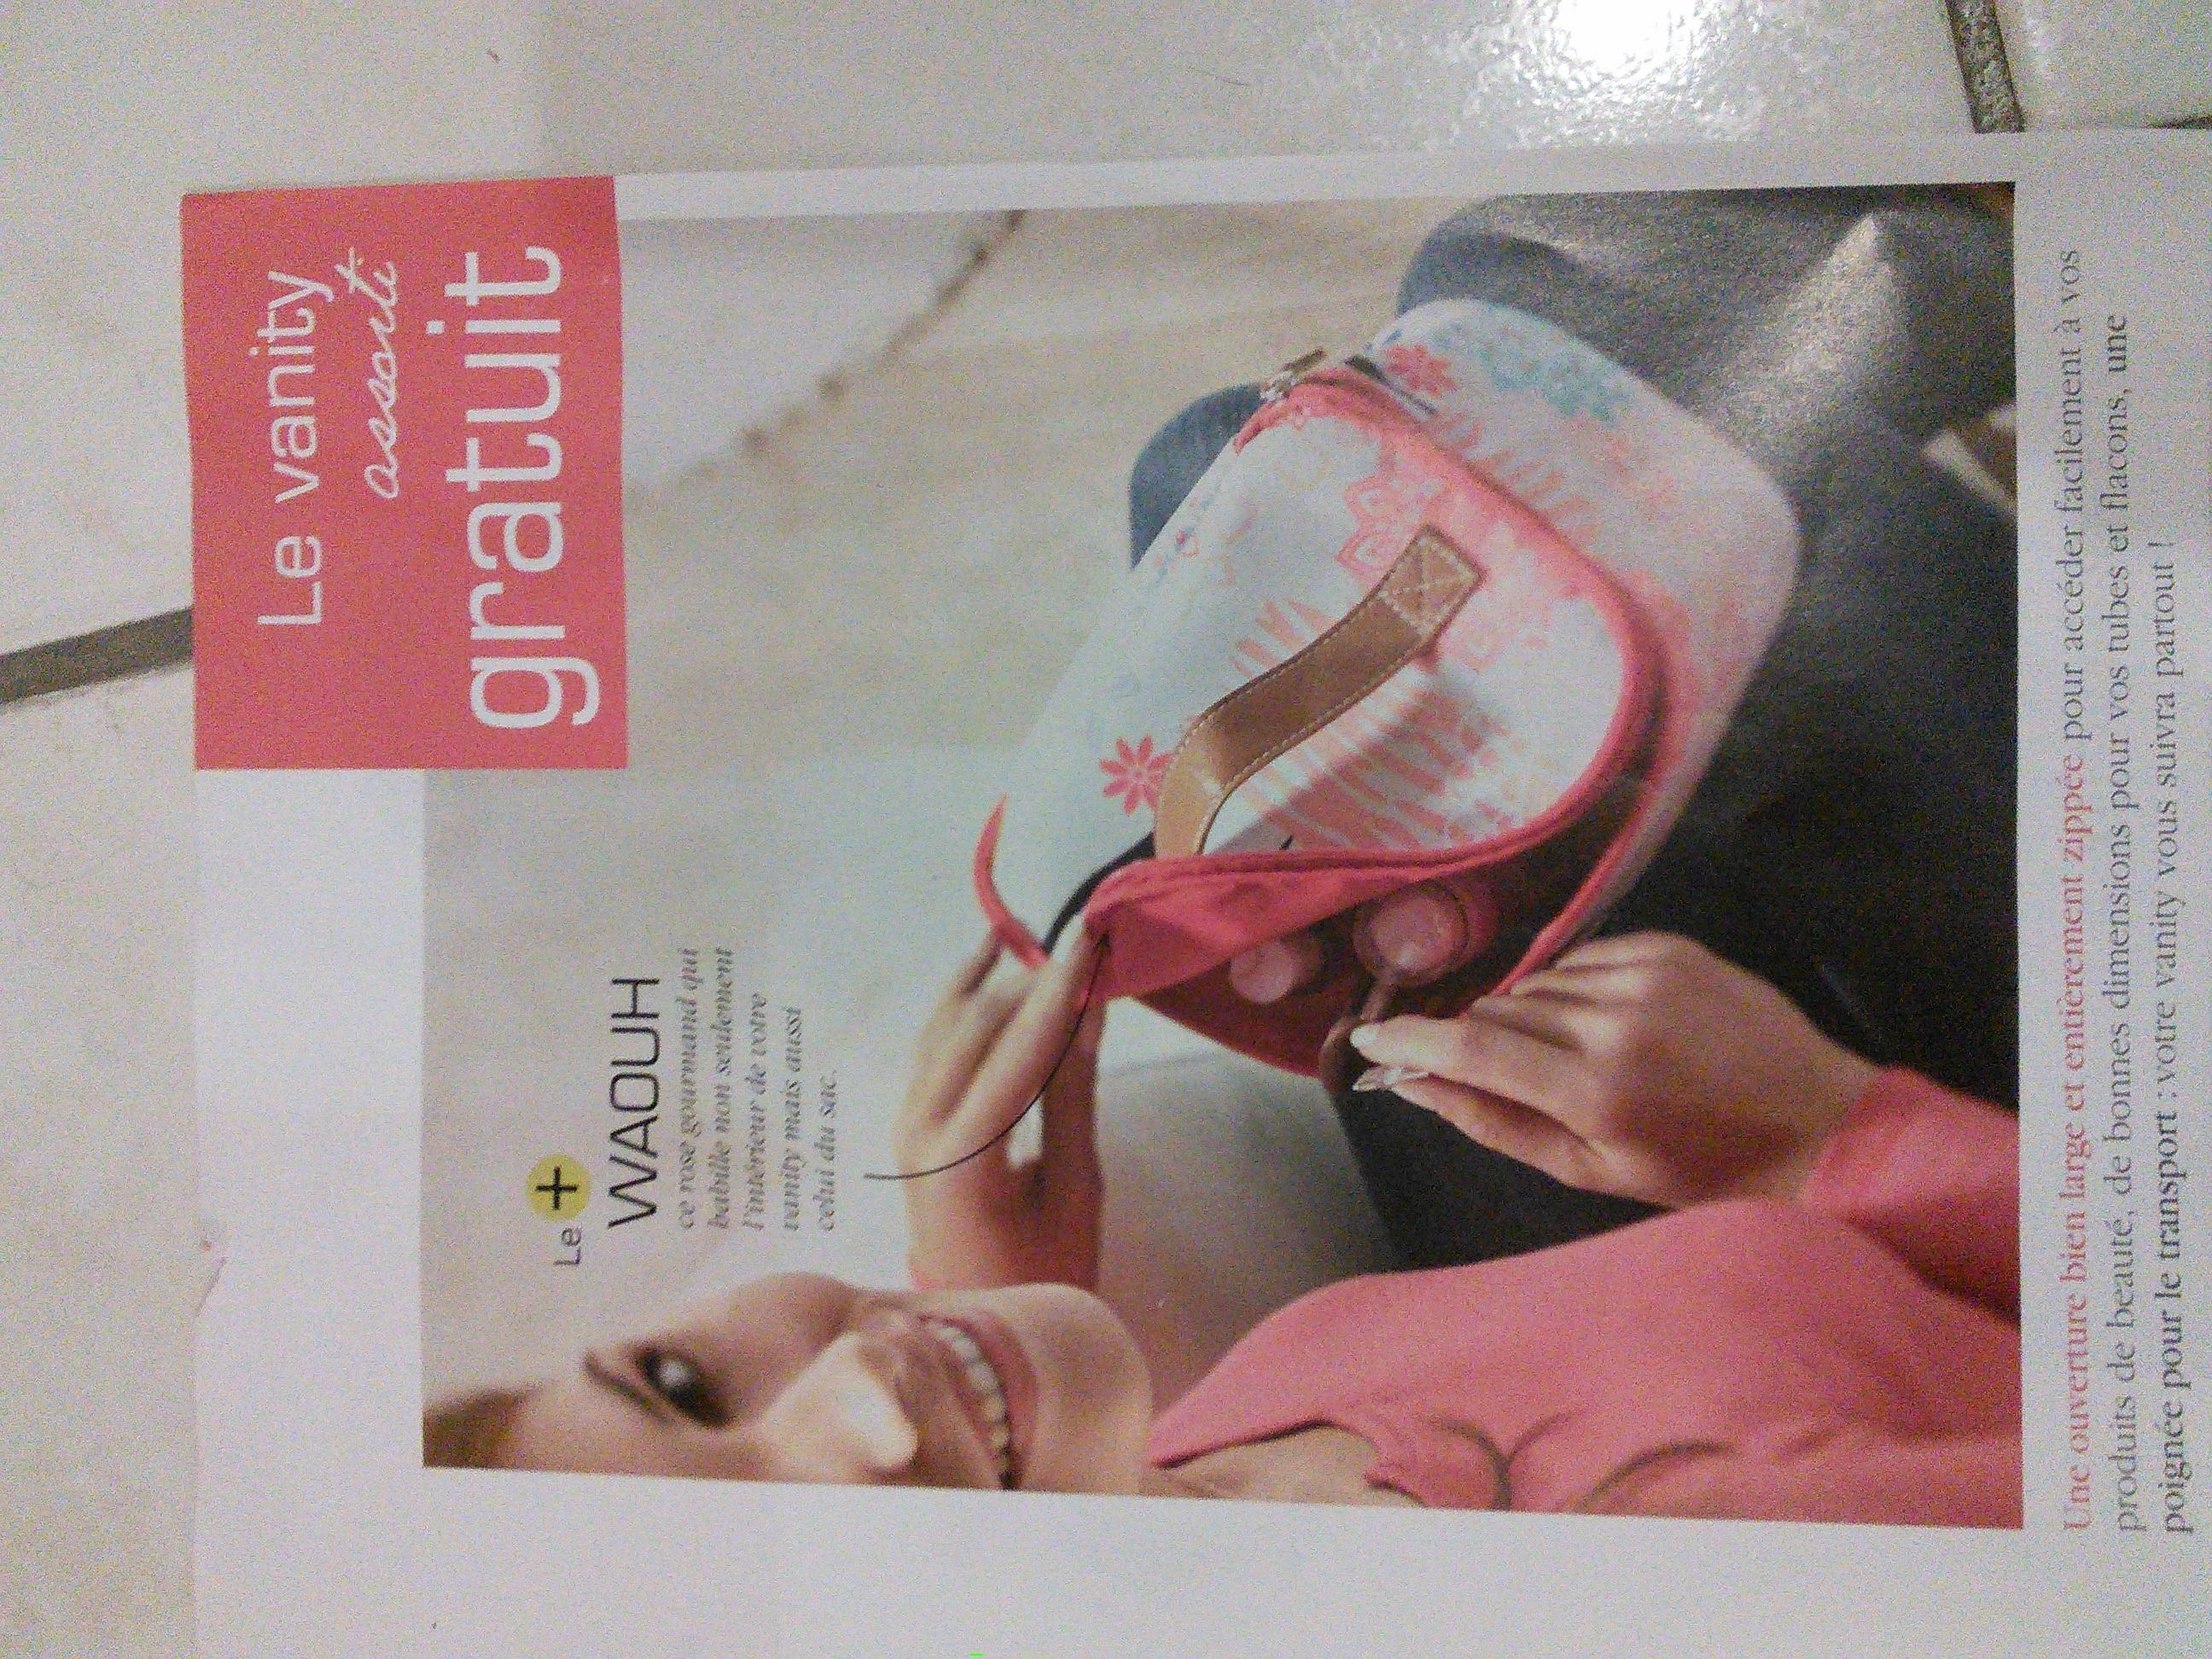 Code promo 11 de r duction d s 20 d 39 achat sac et - Code promo blanche porte port gratuit ...